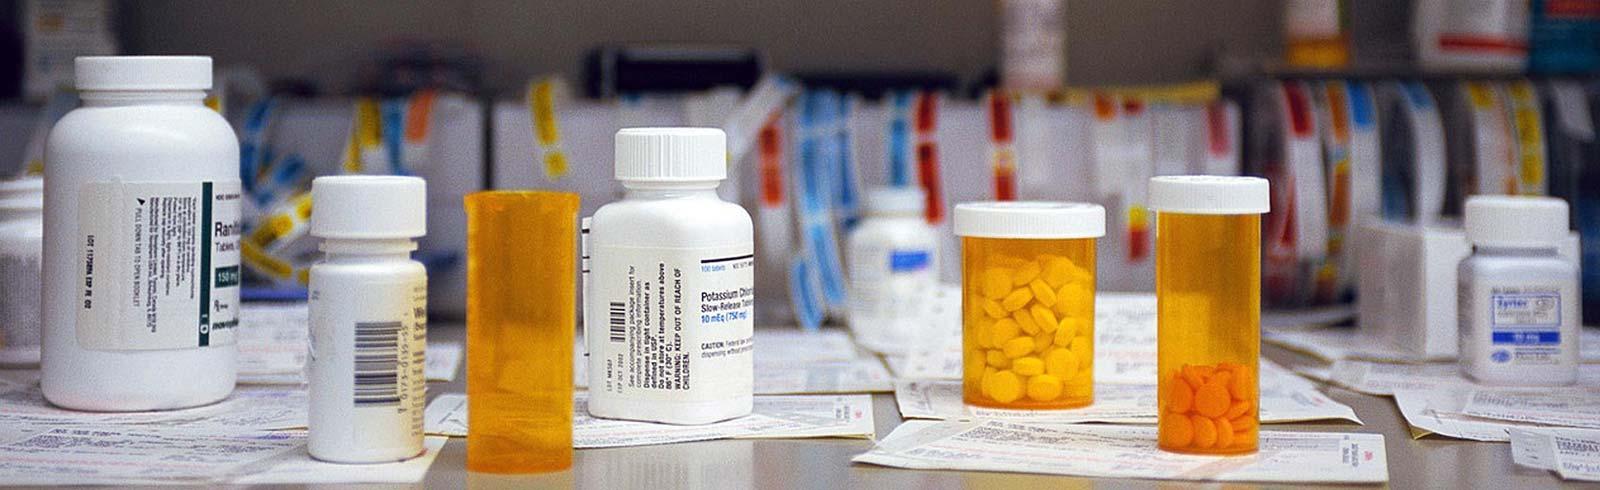 Prescriptions banner